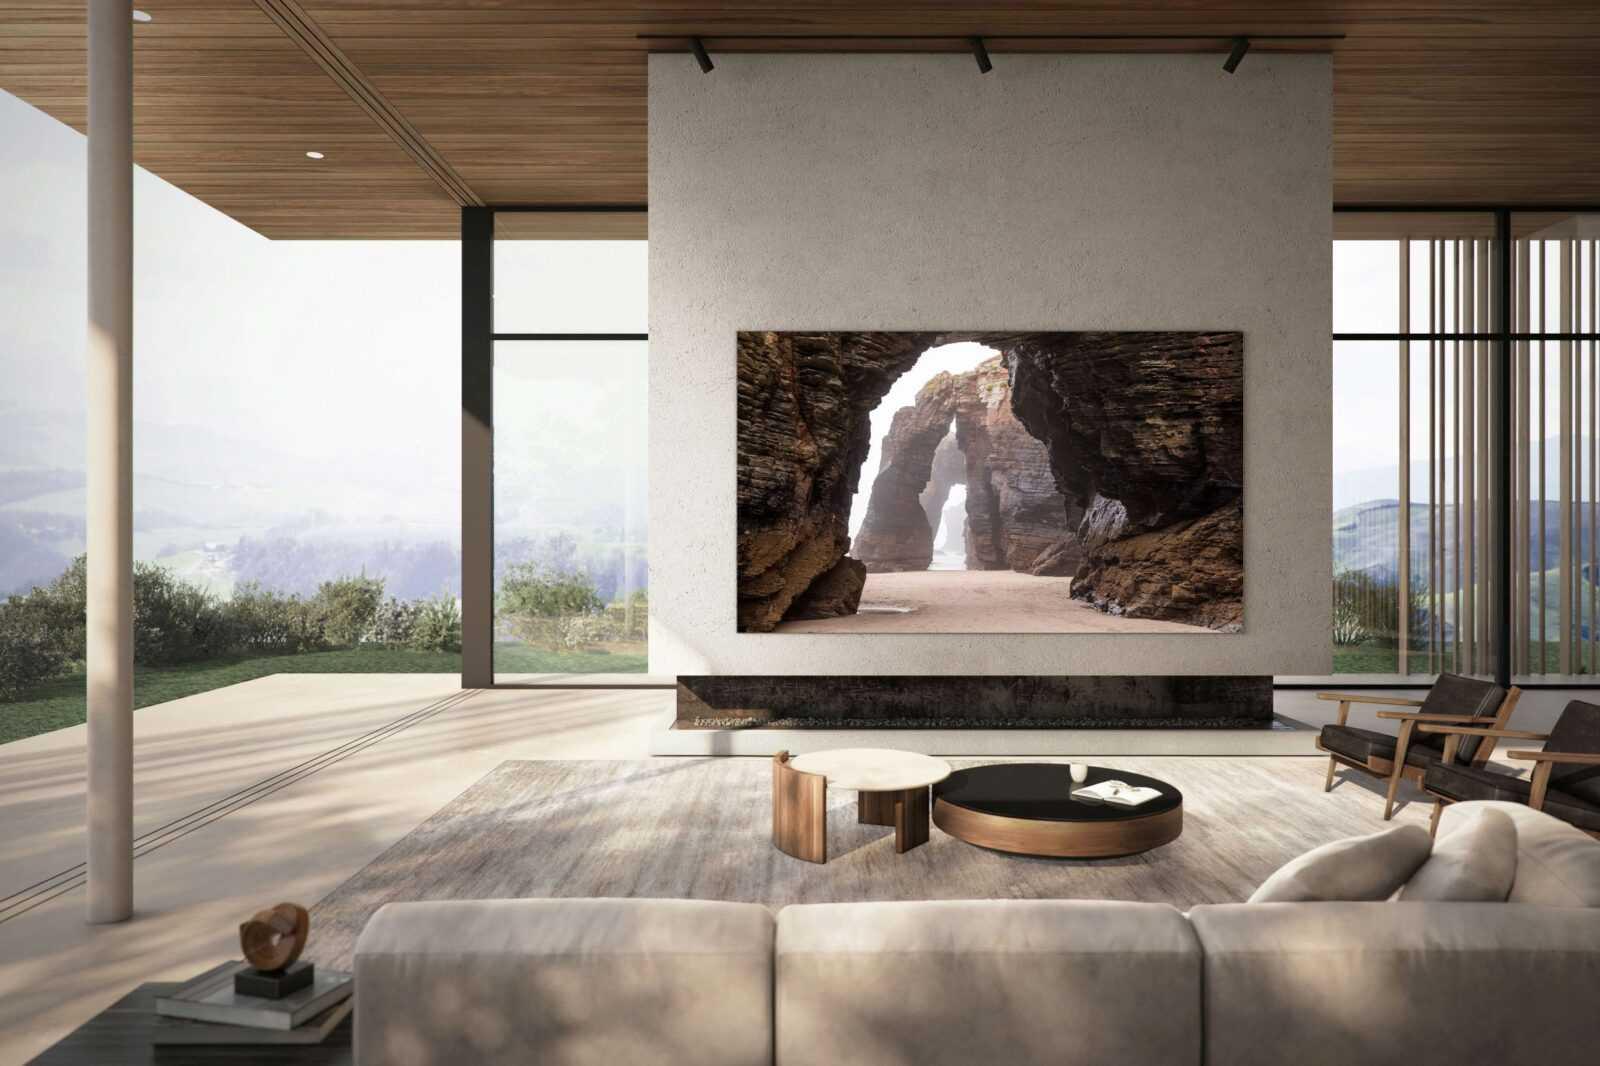 Компания Samsung представила новые телевизоры Neo QLED и Micro LED, и рассказала про технологии (samsung microled dl3)